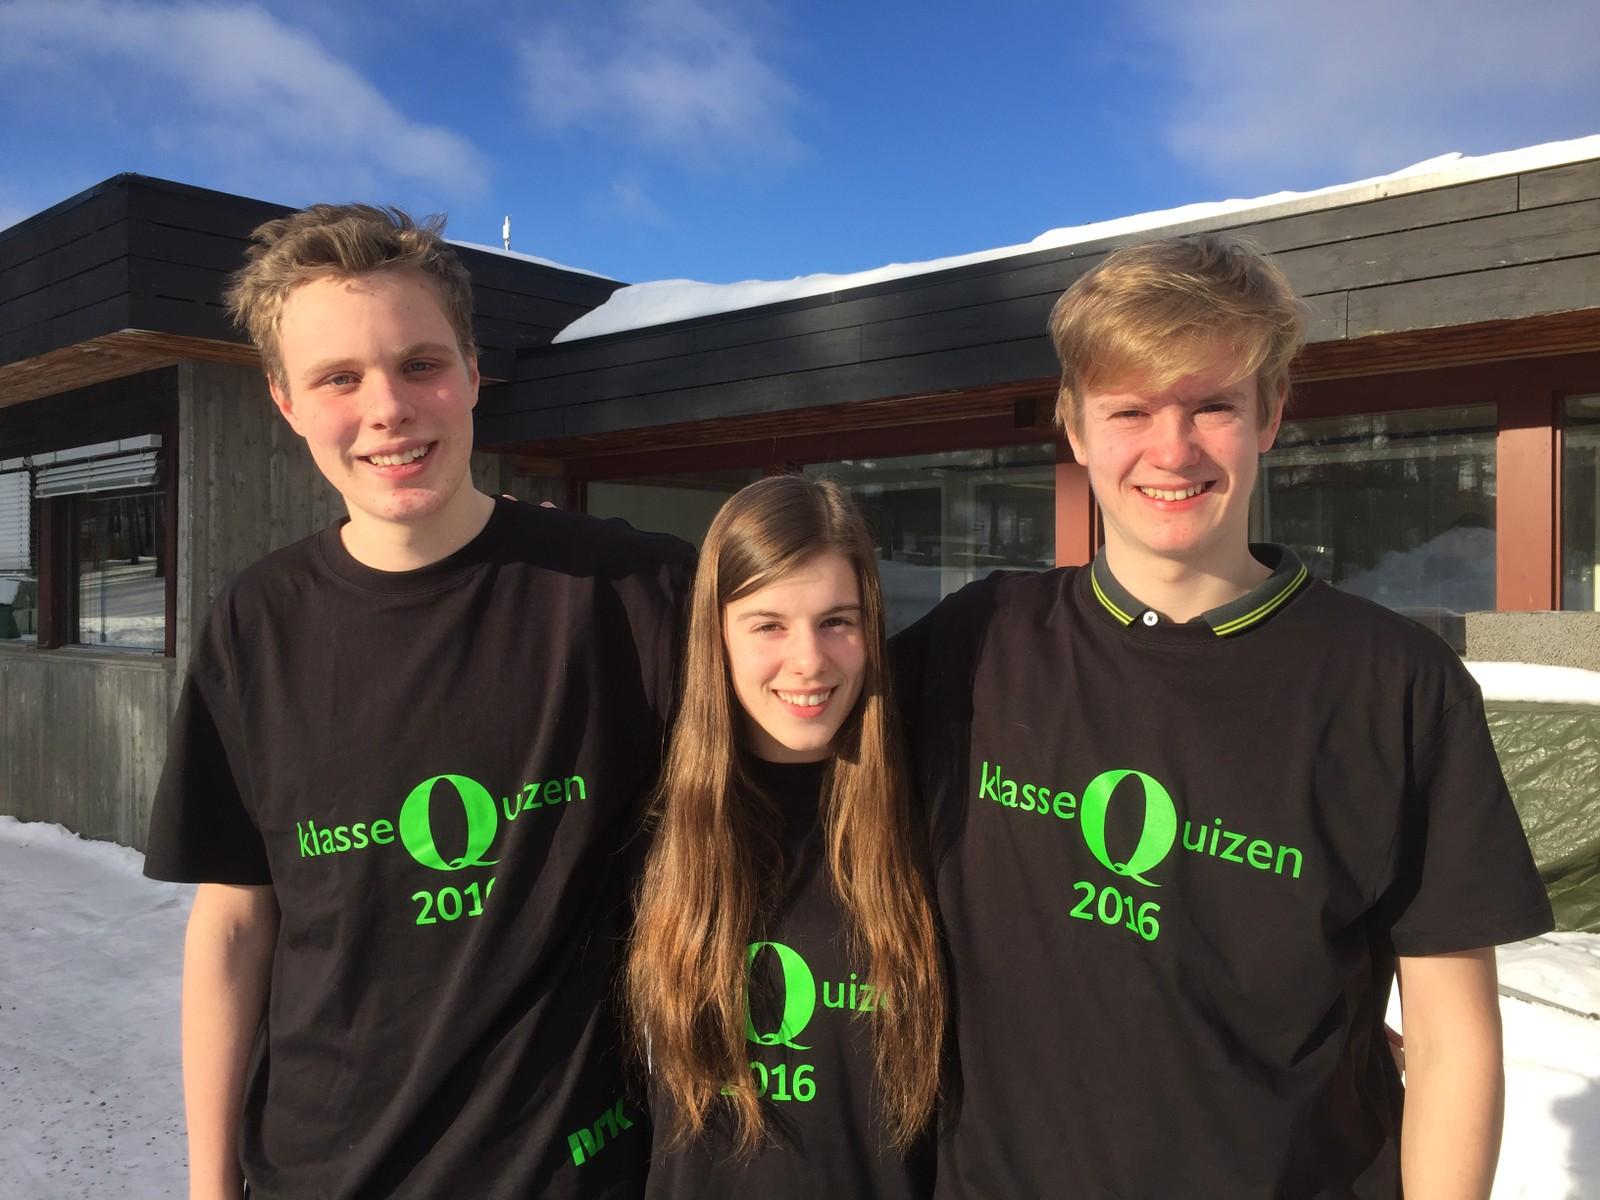 Johannes Matias Bjølverud Aas, Ingvild Marie Angard og Amund Flaten Svisdal fra Dovre ungdomsskole fikk seks poeng.